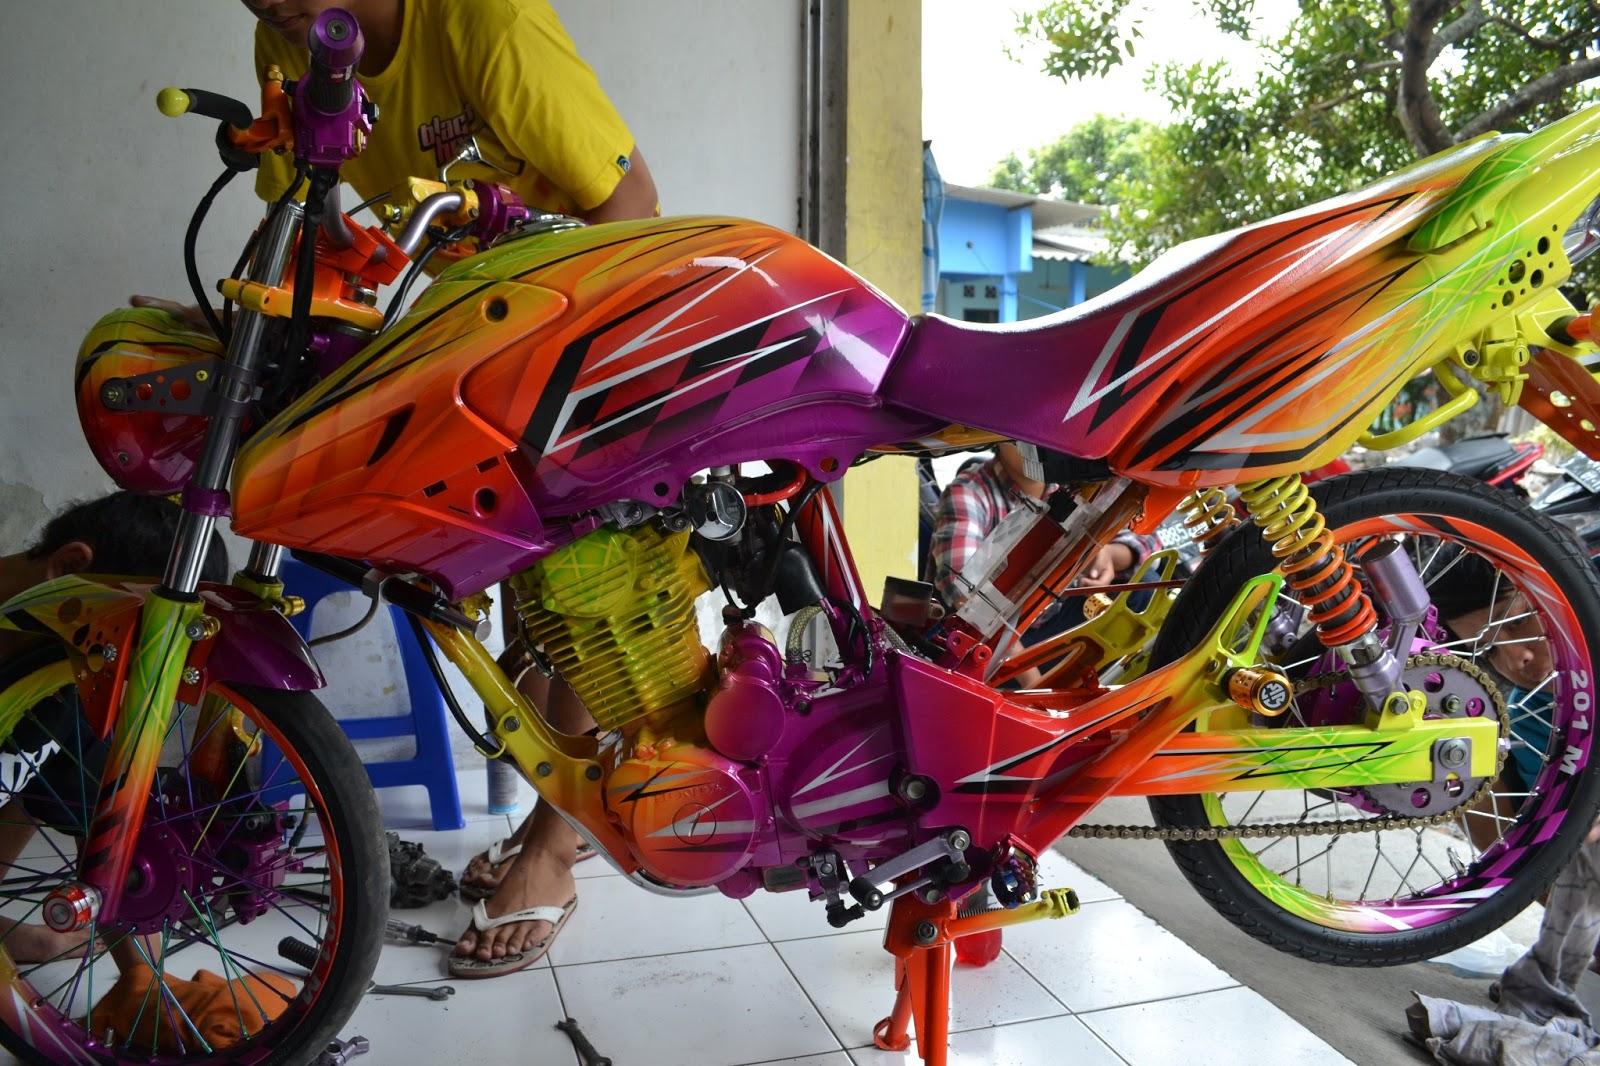 Honda Tiger Modifikasi Racing Drag Cewek Indri Barbie